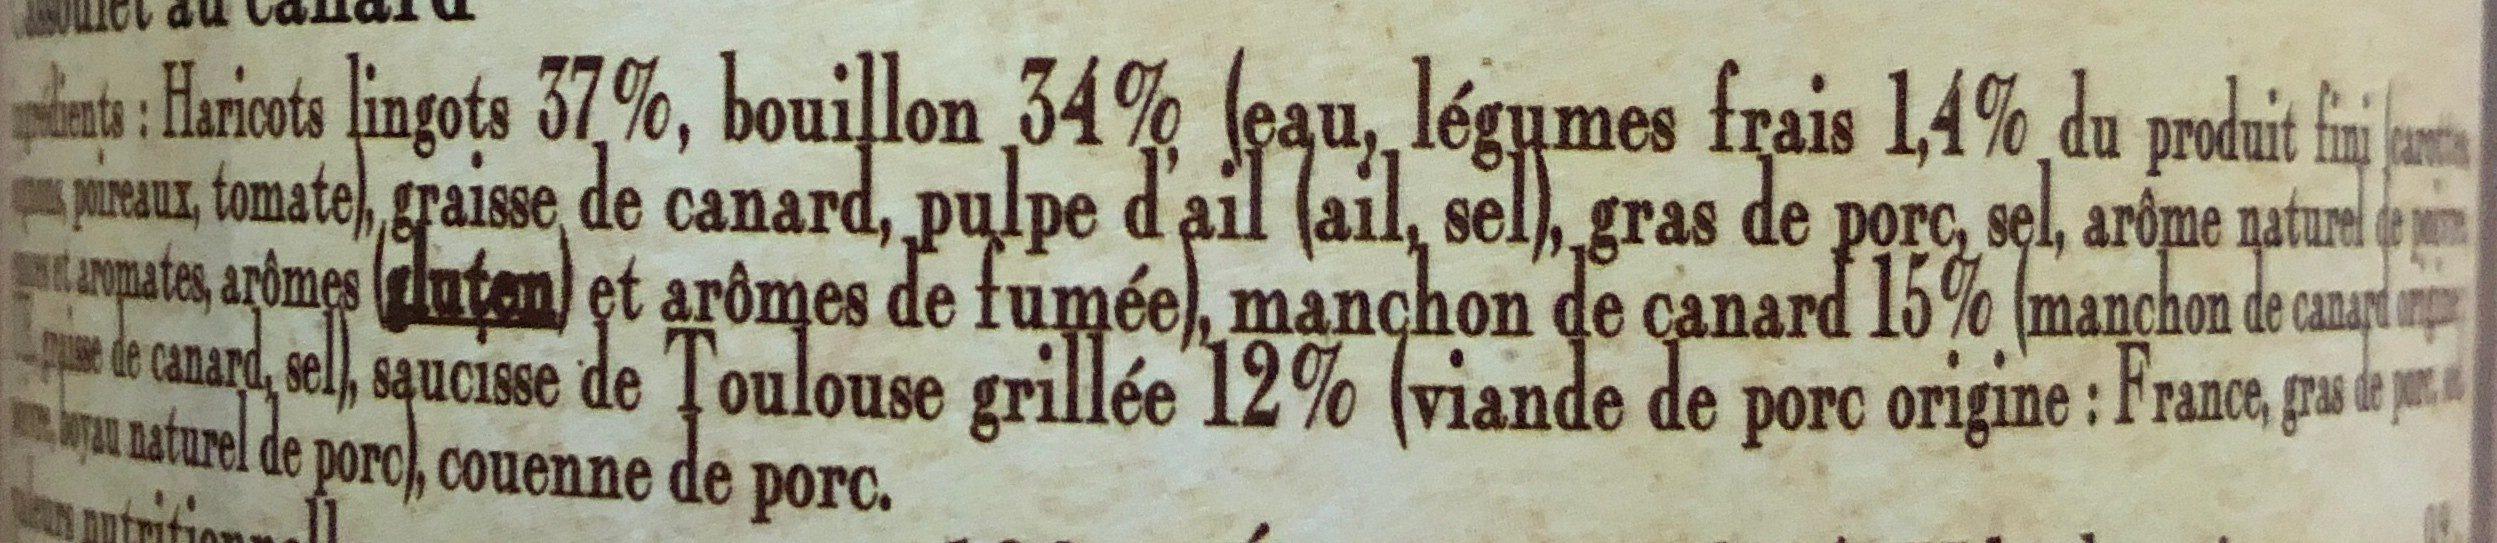 le cassoulet au Canard cuisiné dans son bouillon de légumes frais - Ingrédients - fr